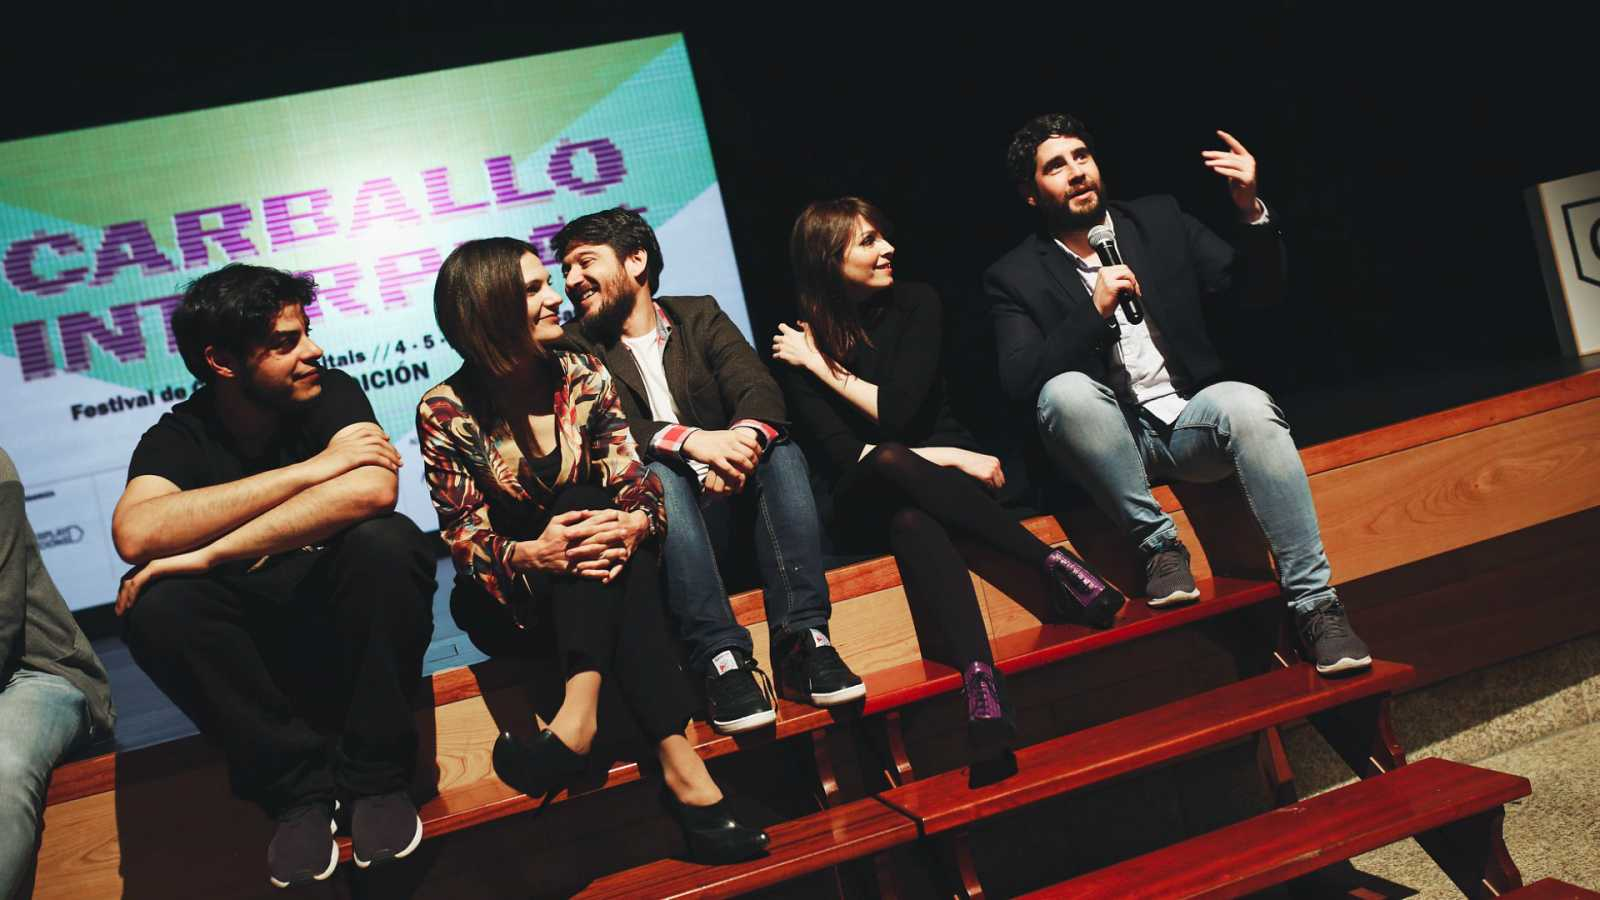 'Dorien' y 'Mambo', webseries de Playz premiadas en la quinta edición del Festival (Foto: Festival Carballo Interplay)